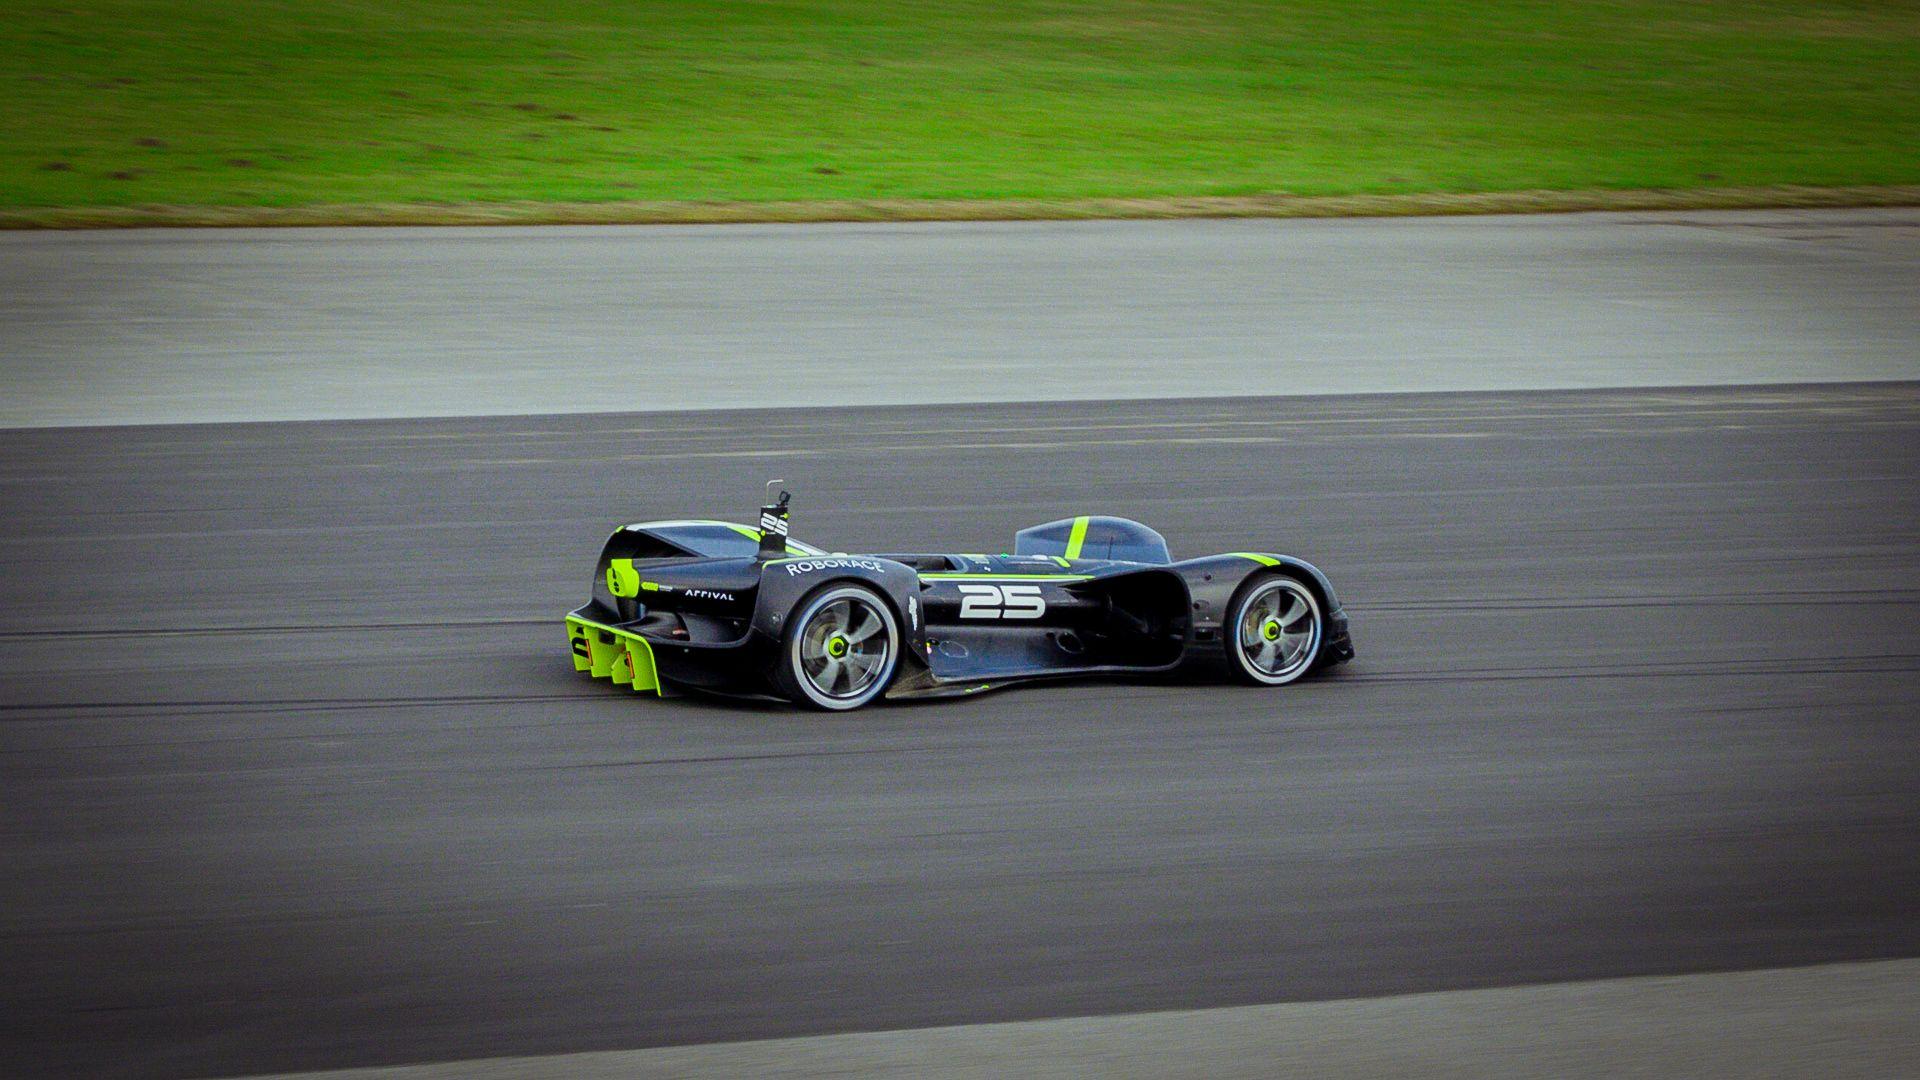 Roborace Robocar is the fastest autonomous vehicle